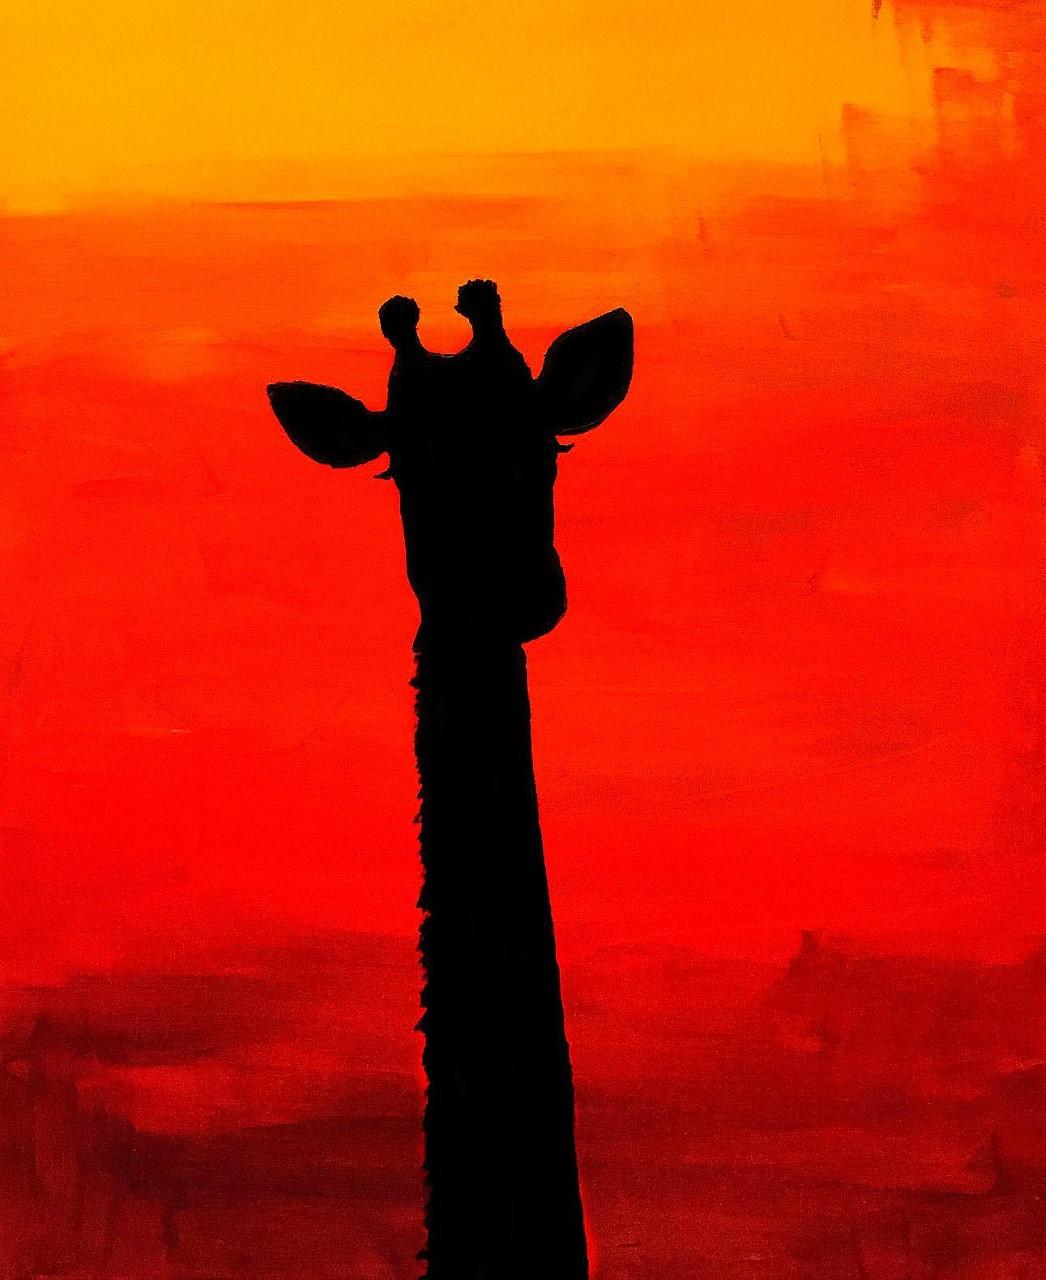 sunset silhouette dpi.jpg